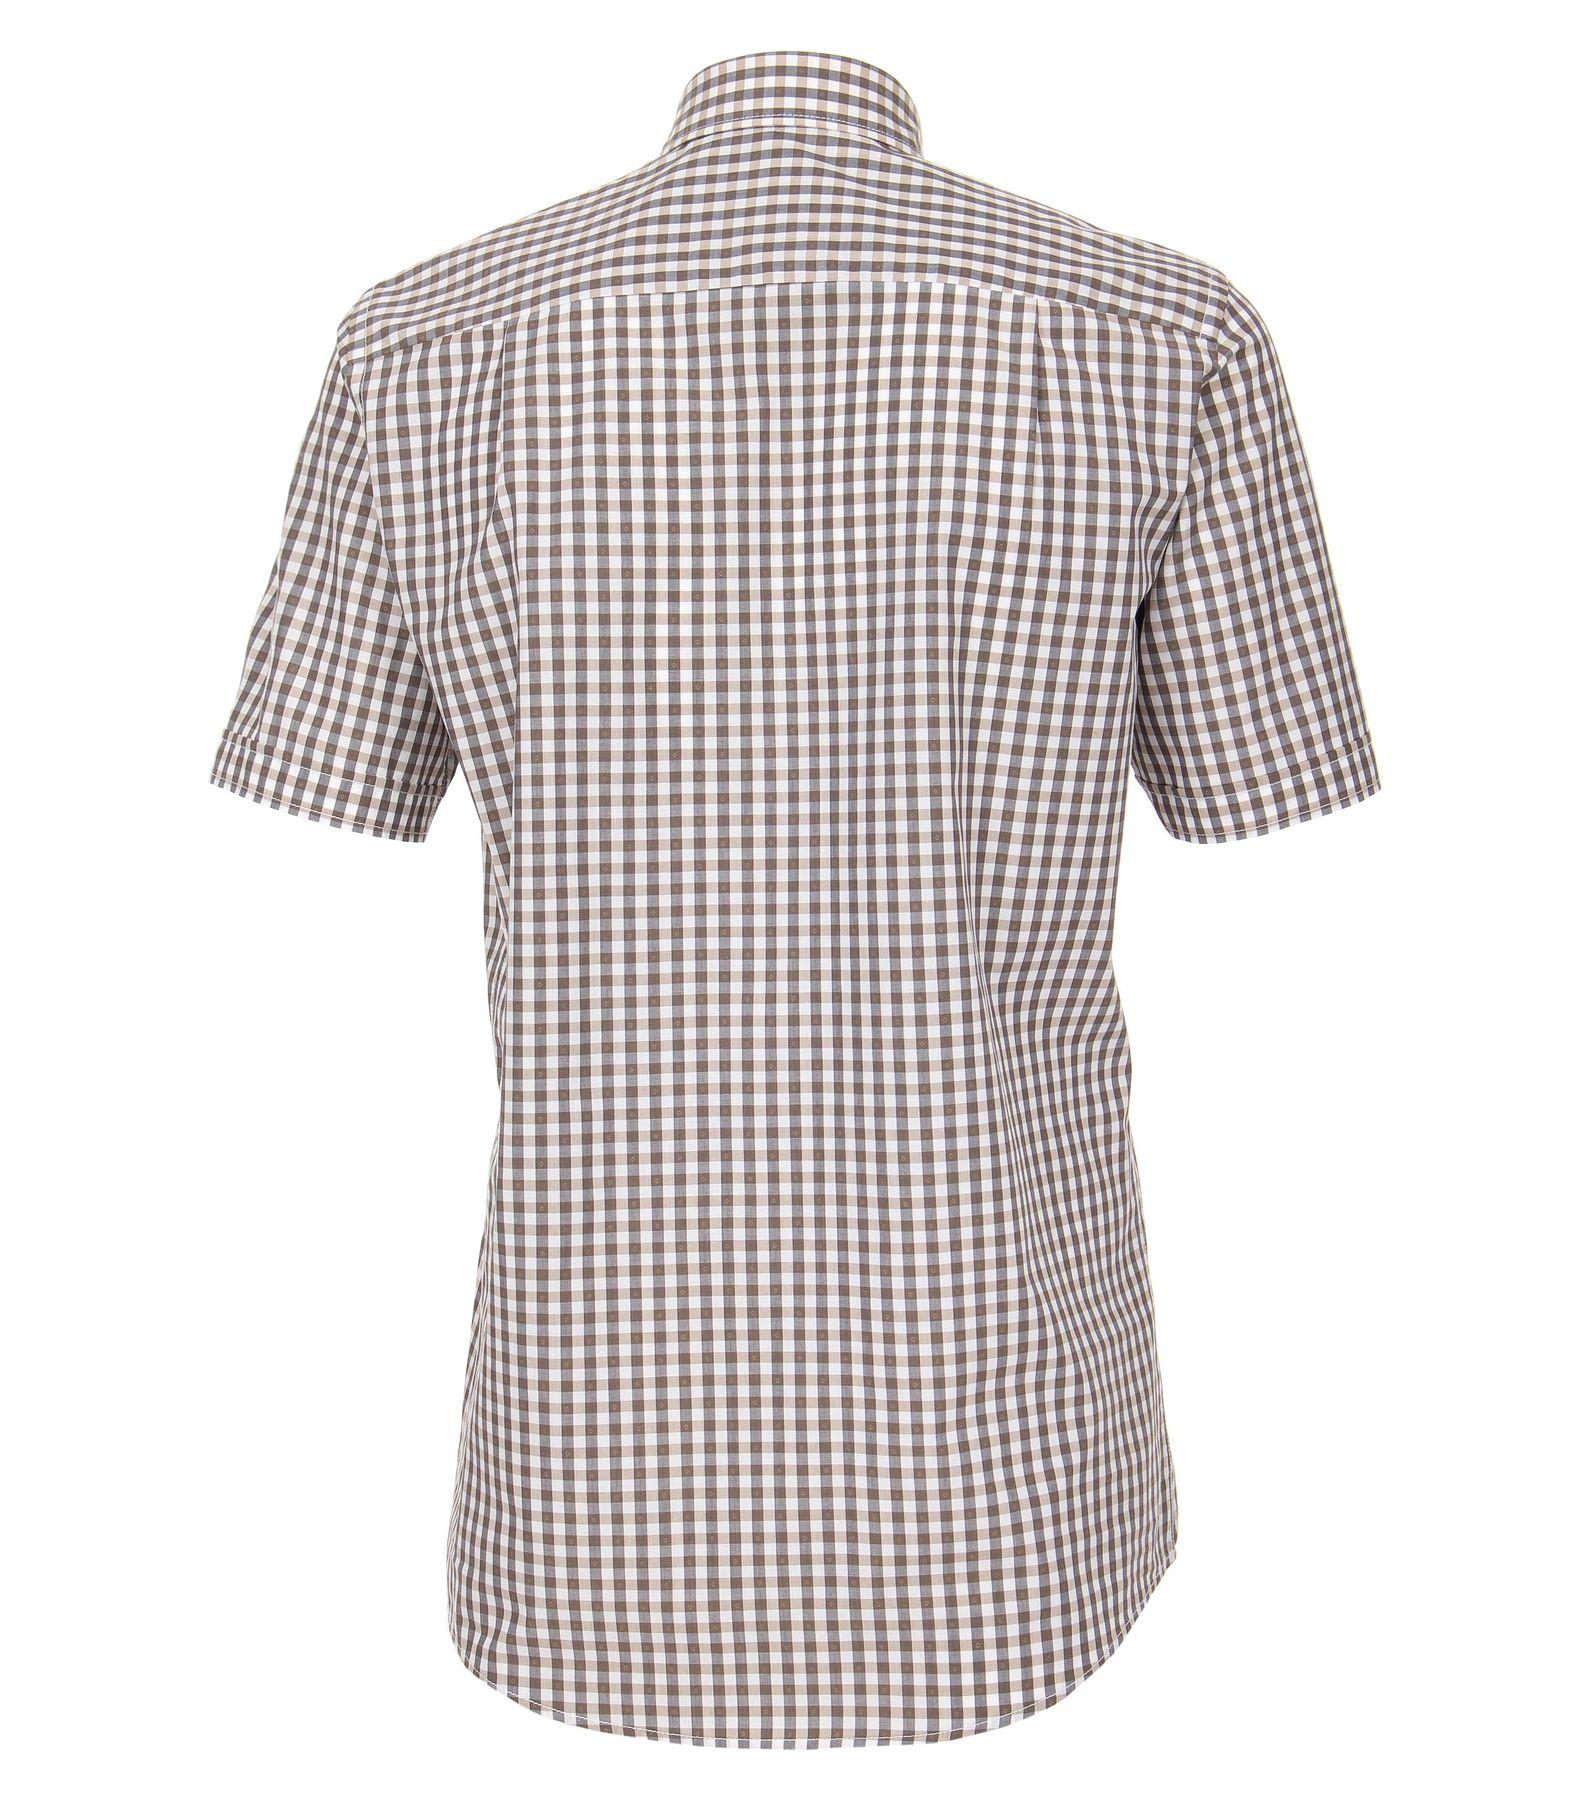 Casa Moda - Comfort Fit - Dobby Herren Freizeit 1/2-Arm-Hemd kariert mit Button-Down Kragen in türkis oder anthrazit (982972600) – Bild 3